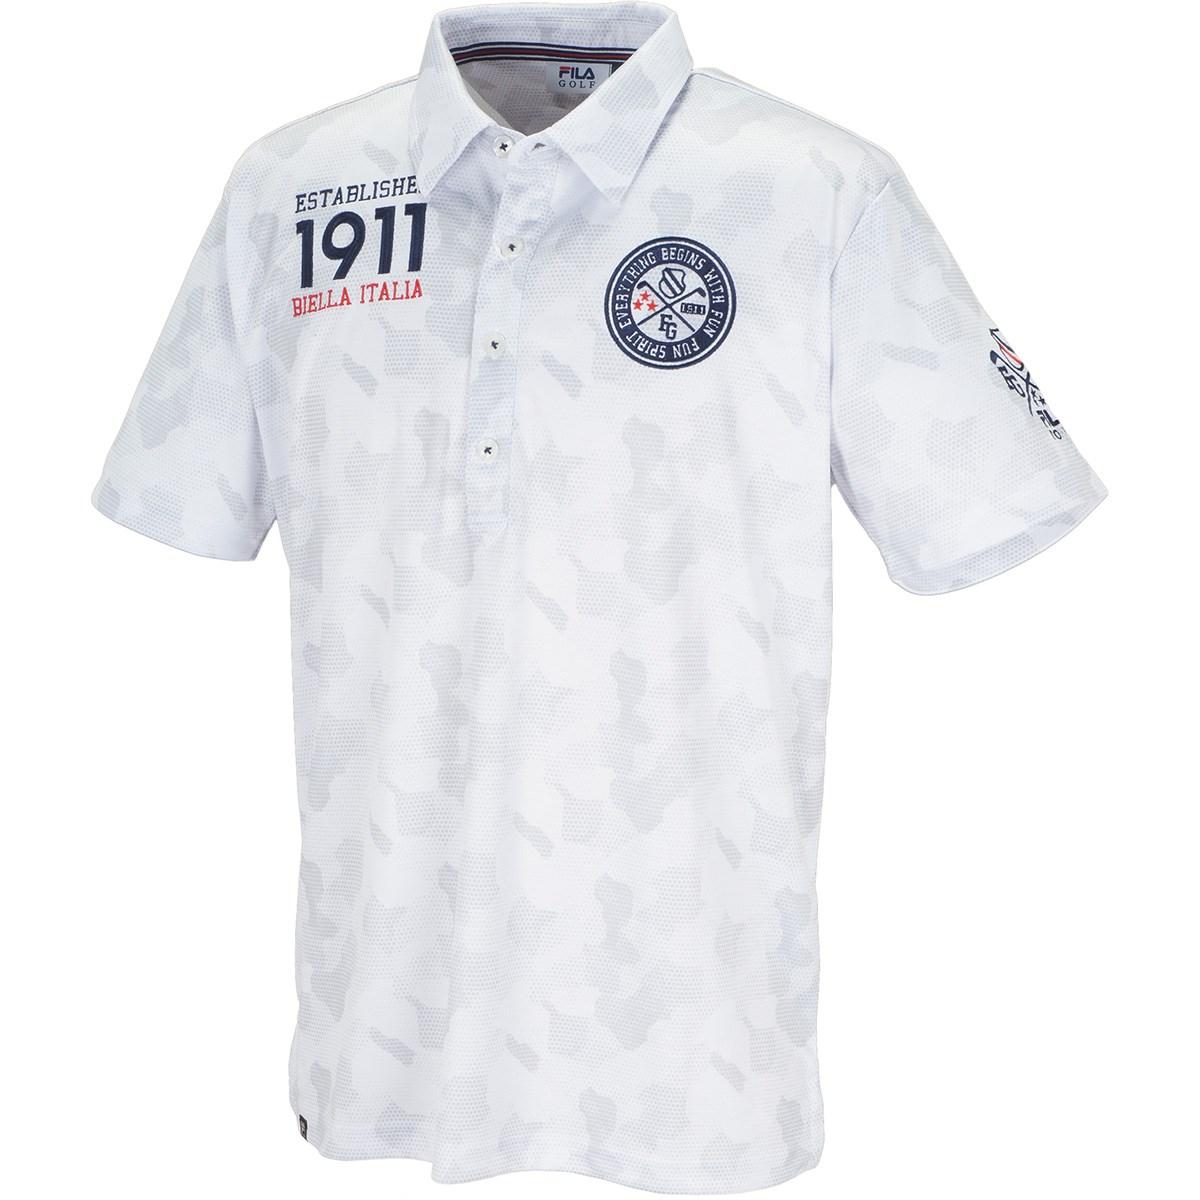 フィラ FILA 半袖ポロシャツ M ホワイト